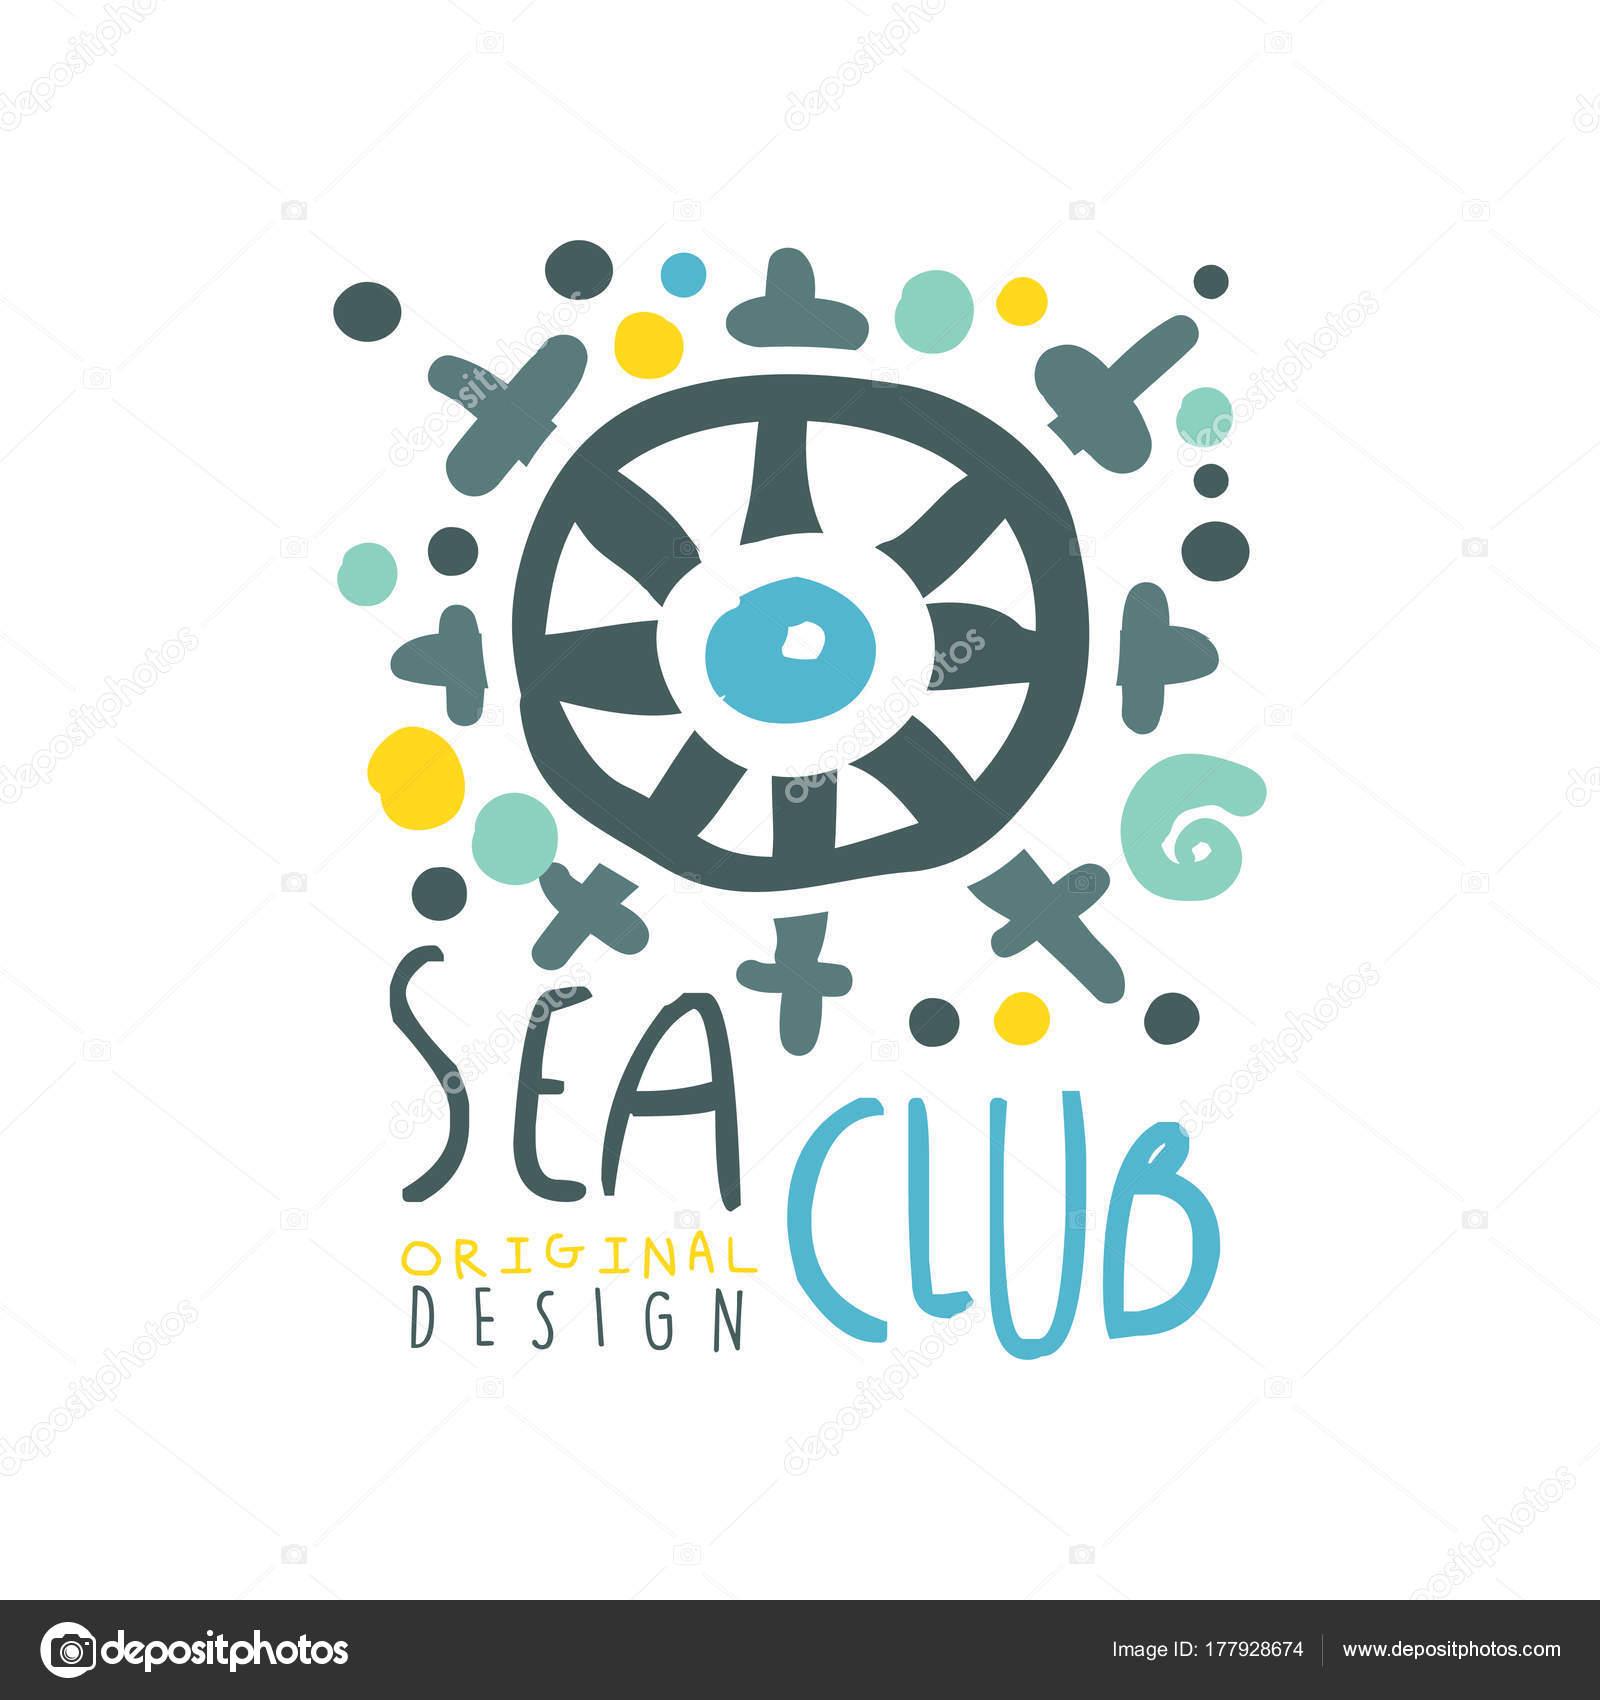 オリジナル カラフルな海やヨット クラブのロゴ デザイン抽象船